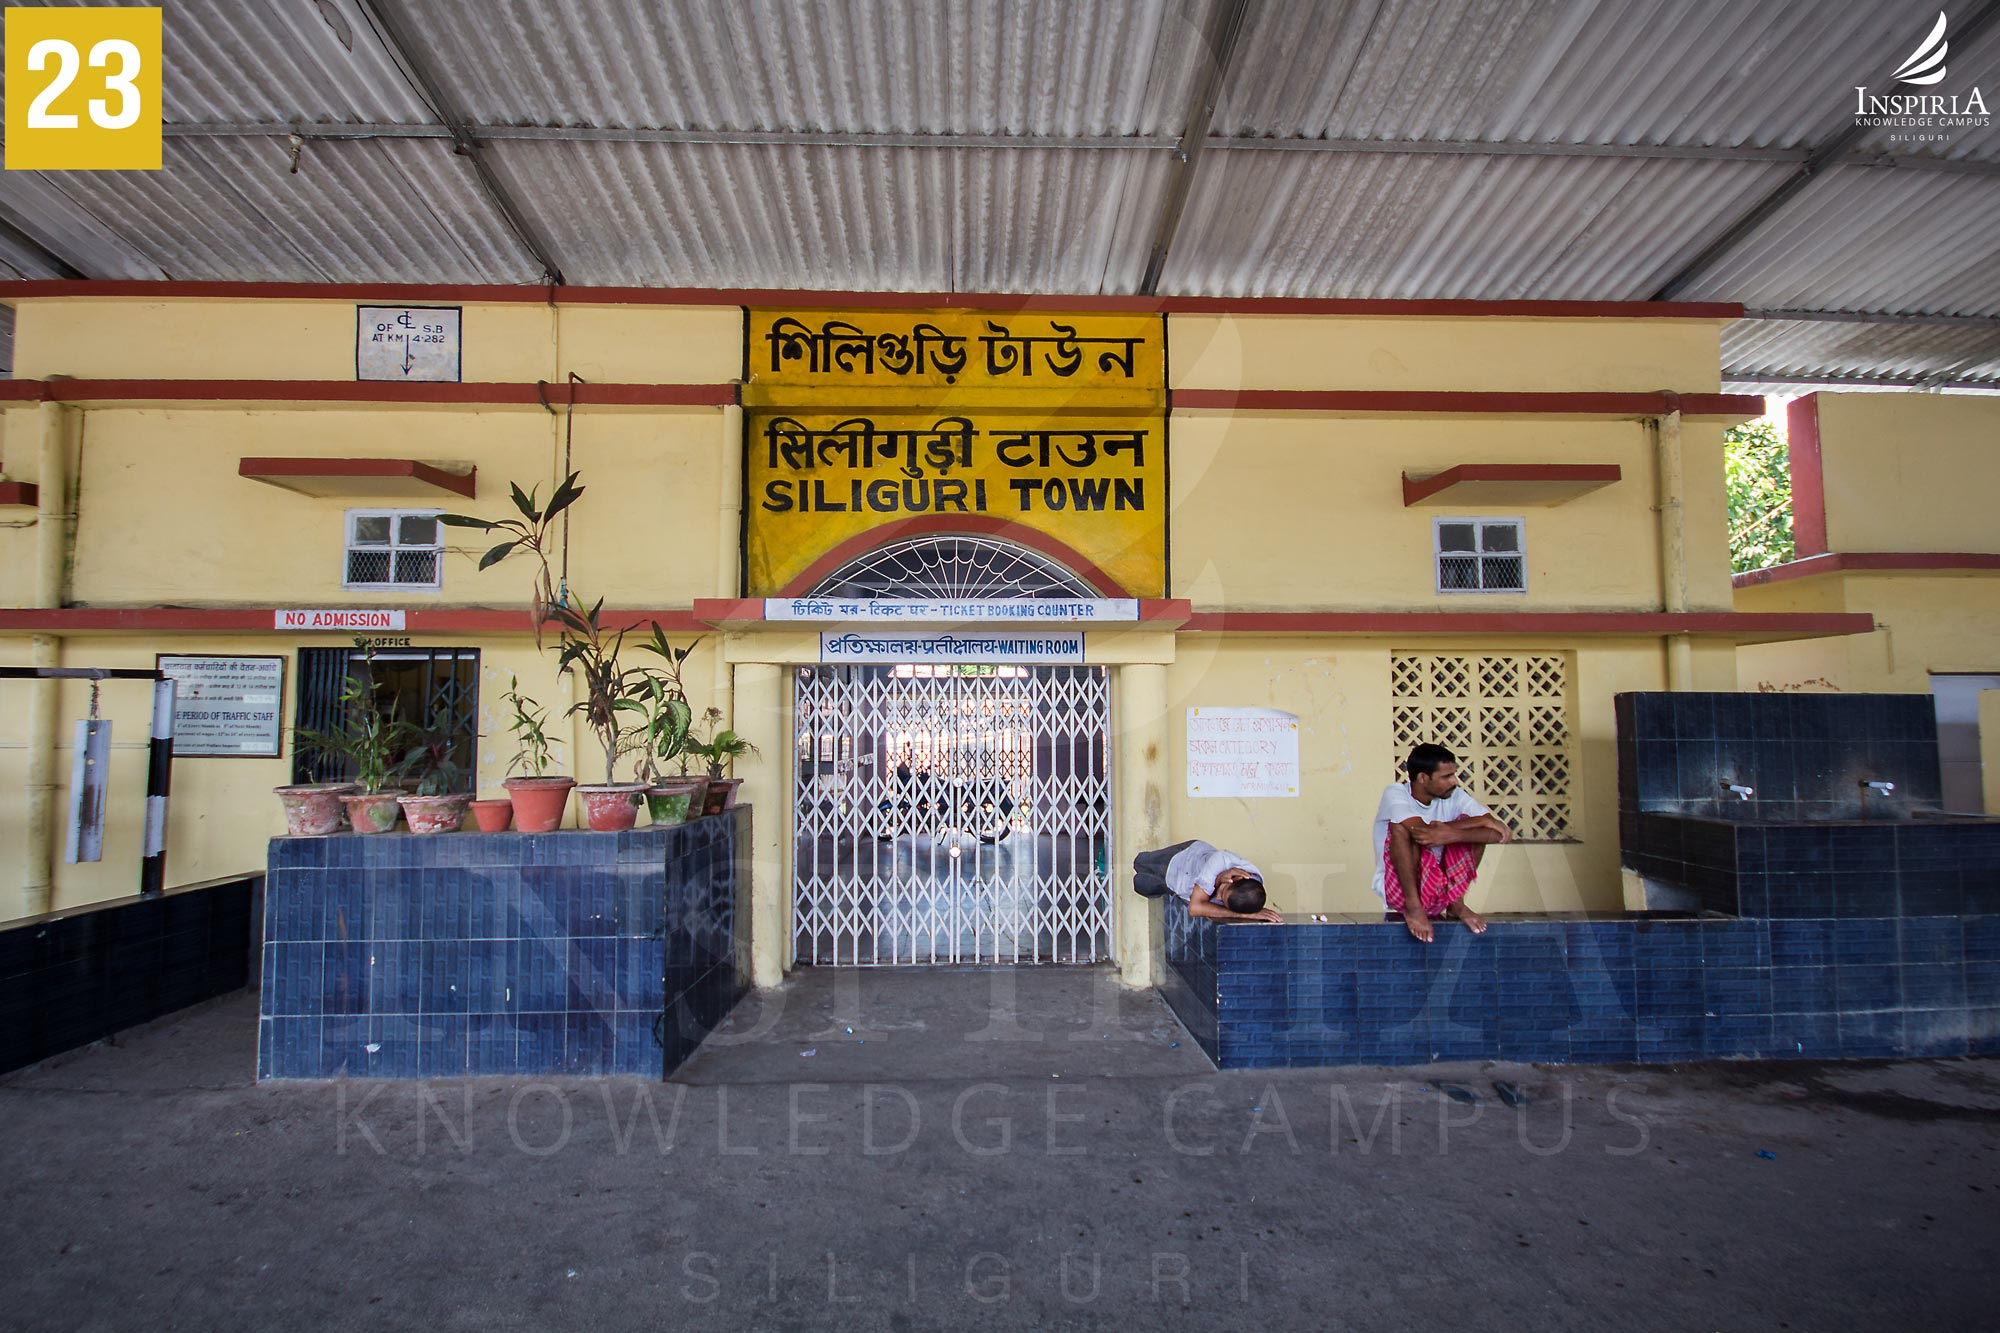 Siliguri-town-railway-station-office